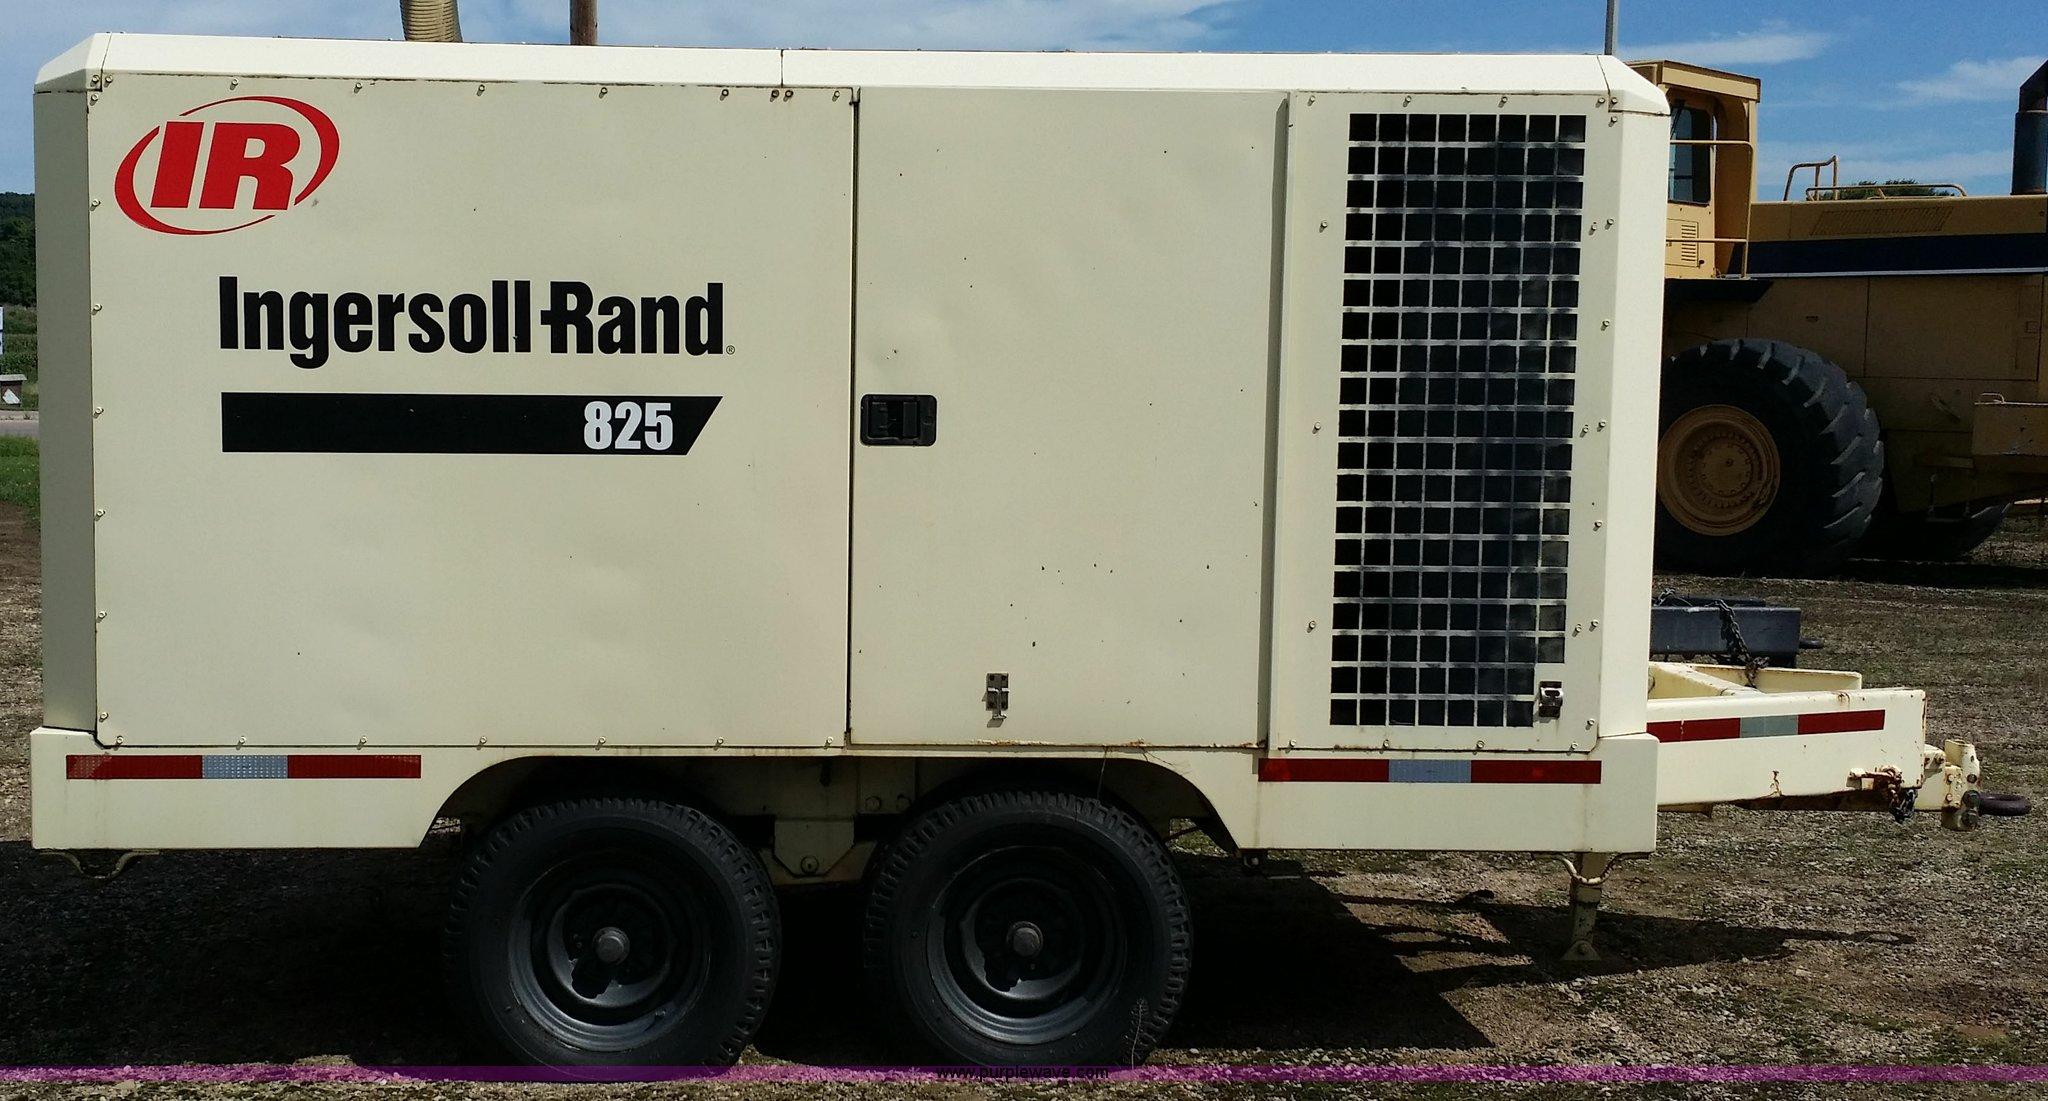 1993 ingersoll rand 825 cfm air compressor item e9000 so rh purplewave com Rand Ingersoll R75i-W1235 Ingersoll Rand Chain Hoist Manual